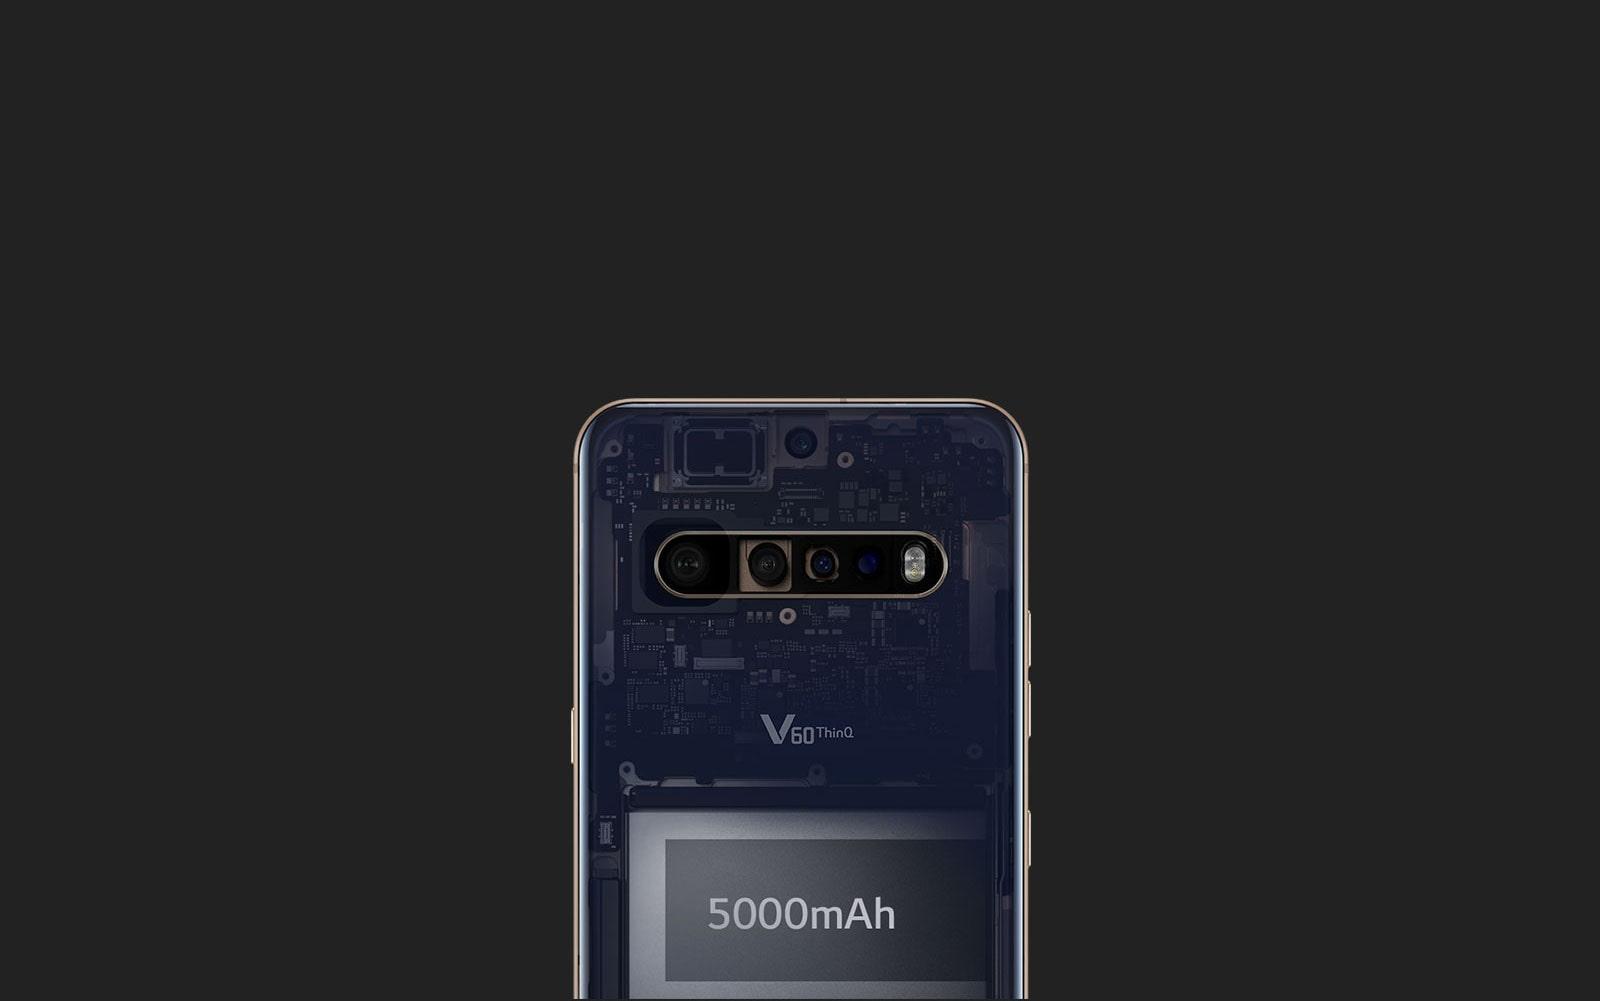 Imagen de batería de 5000 mAh